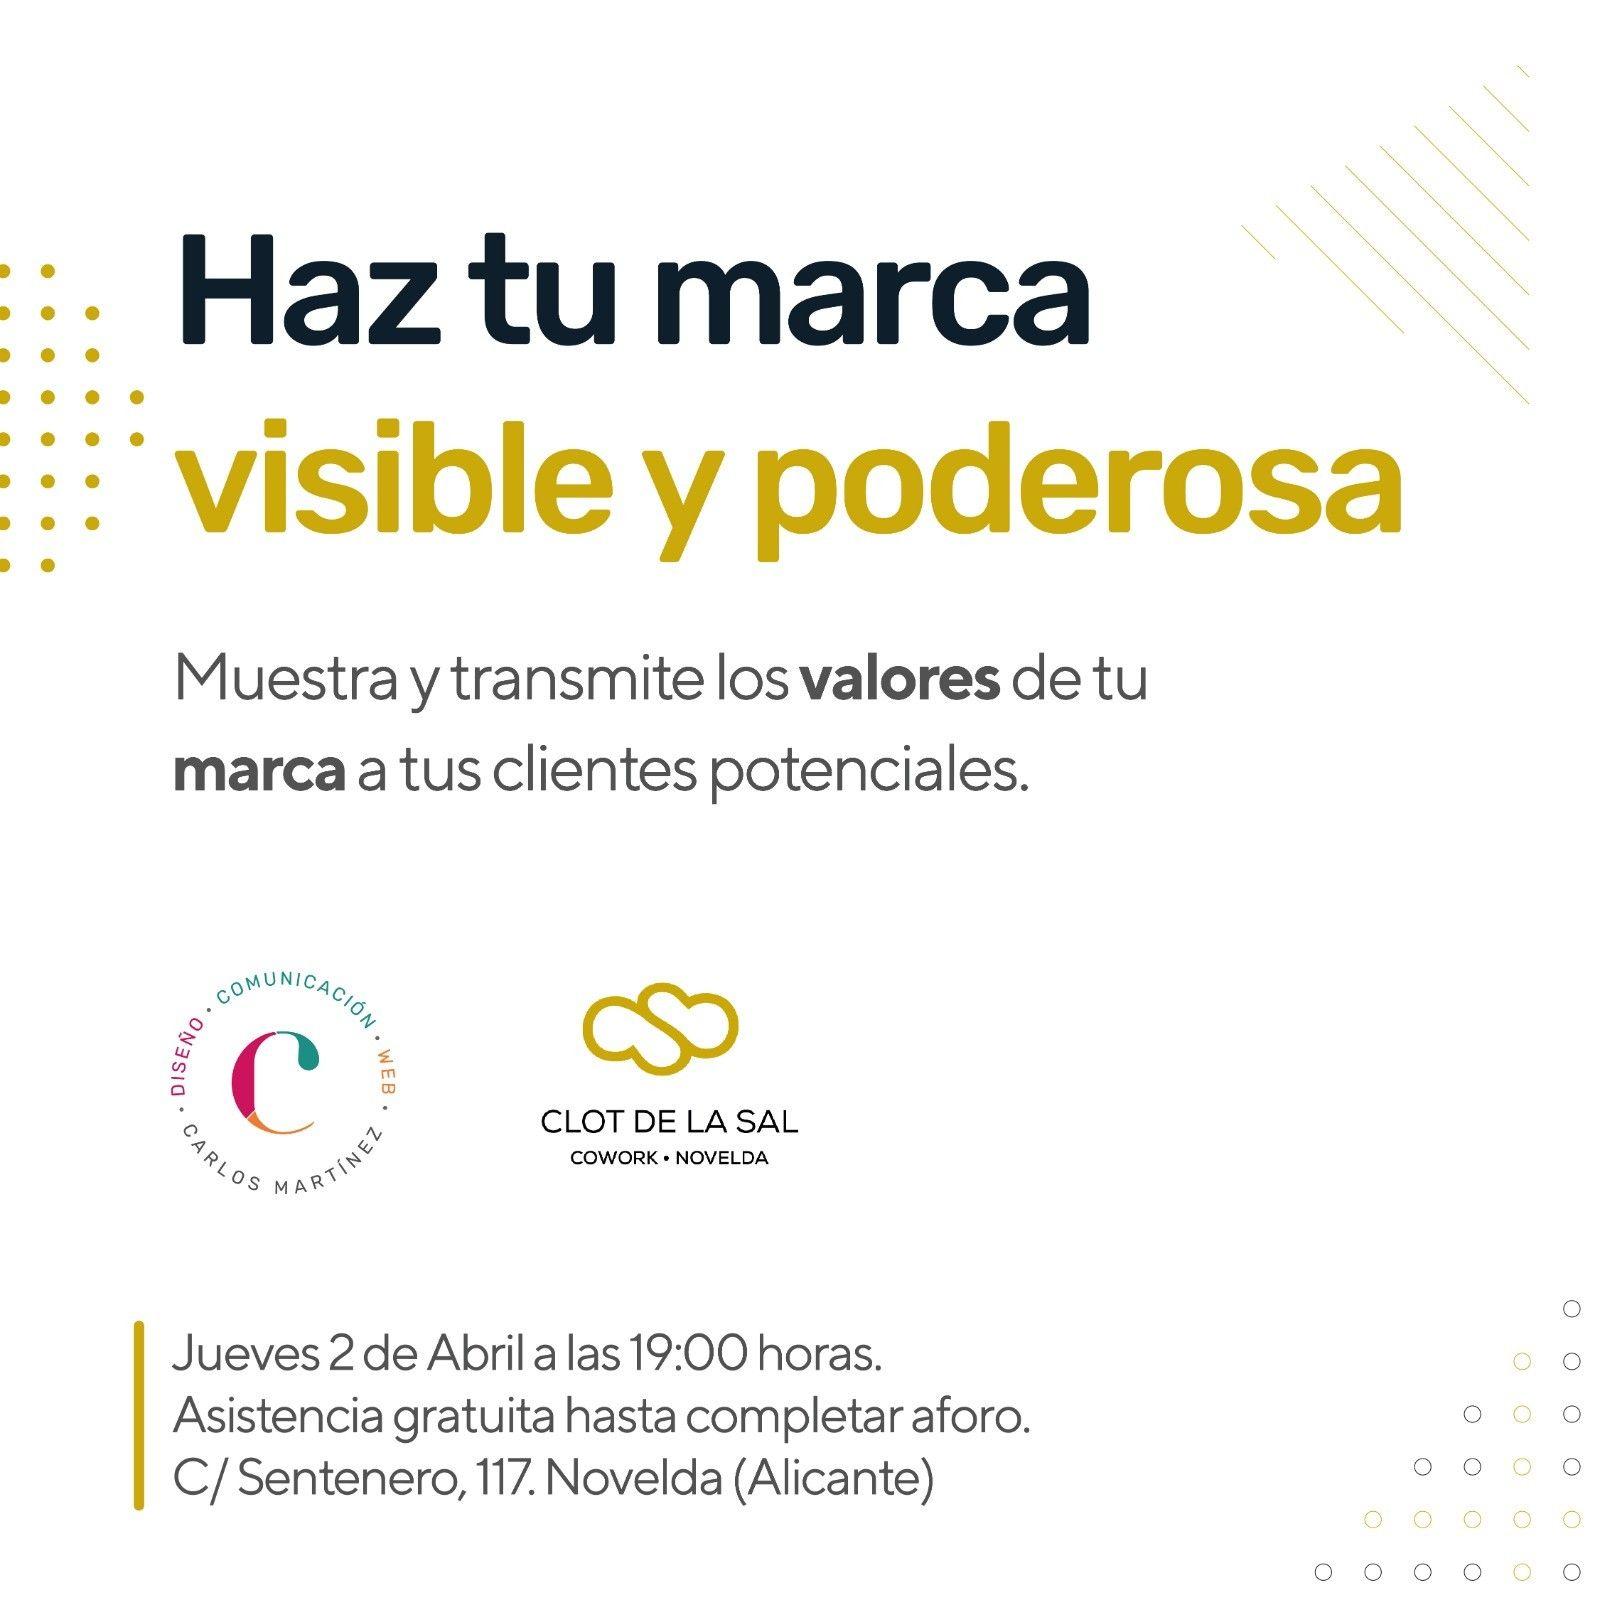 Clot de la Sal Cuadrado-1 Haz tu marca visible y poderosa con Carlos Martínez